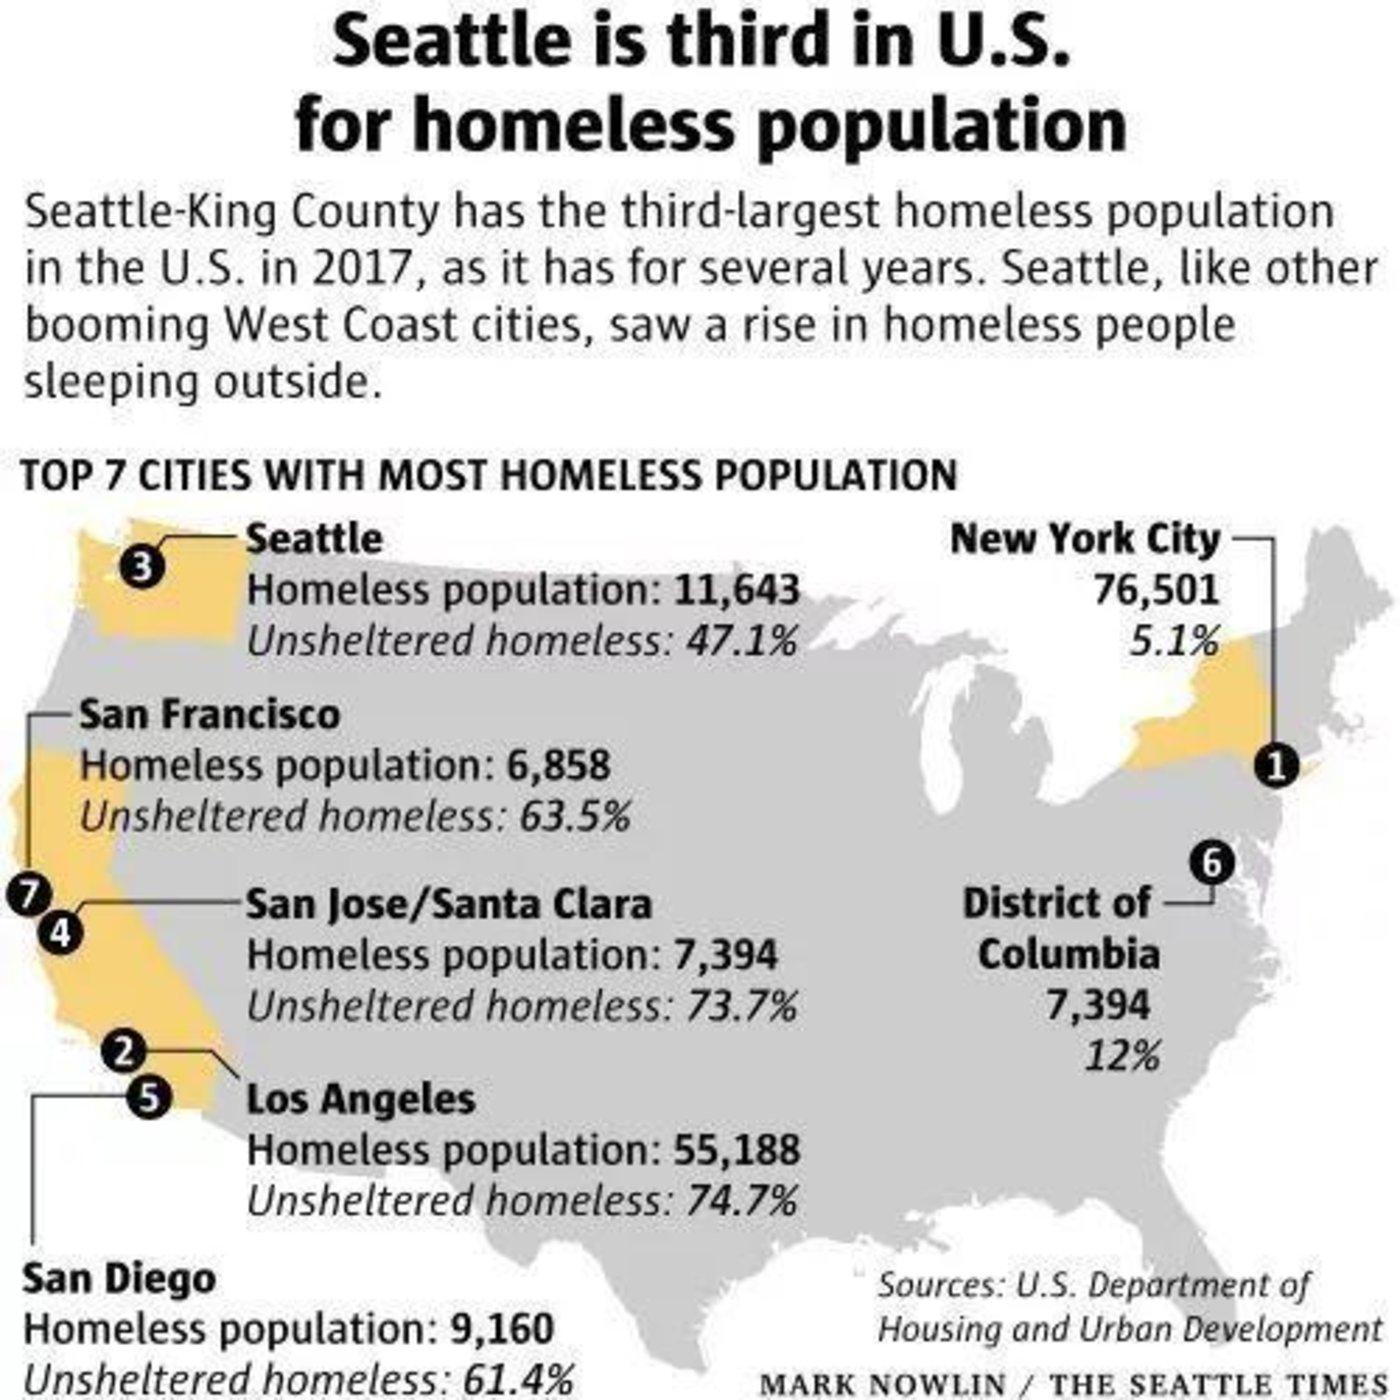 金县无家可归人口总数高居全国第三(数据来源:联邦住房及城市发展部,图片来源:《西雅图时报》)